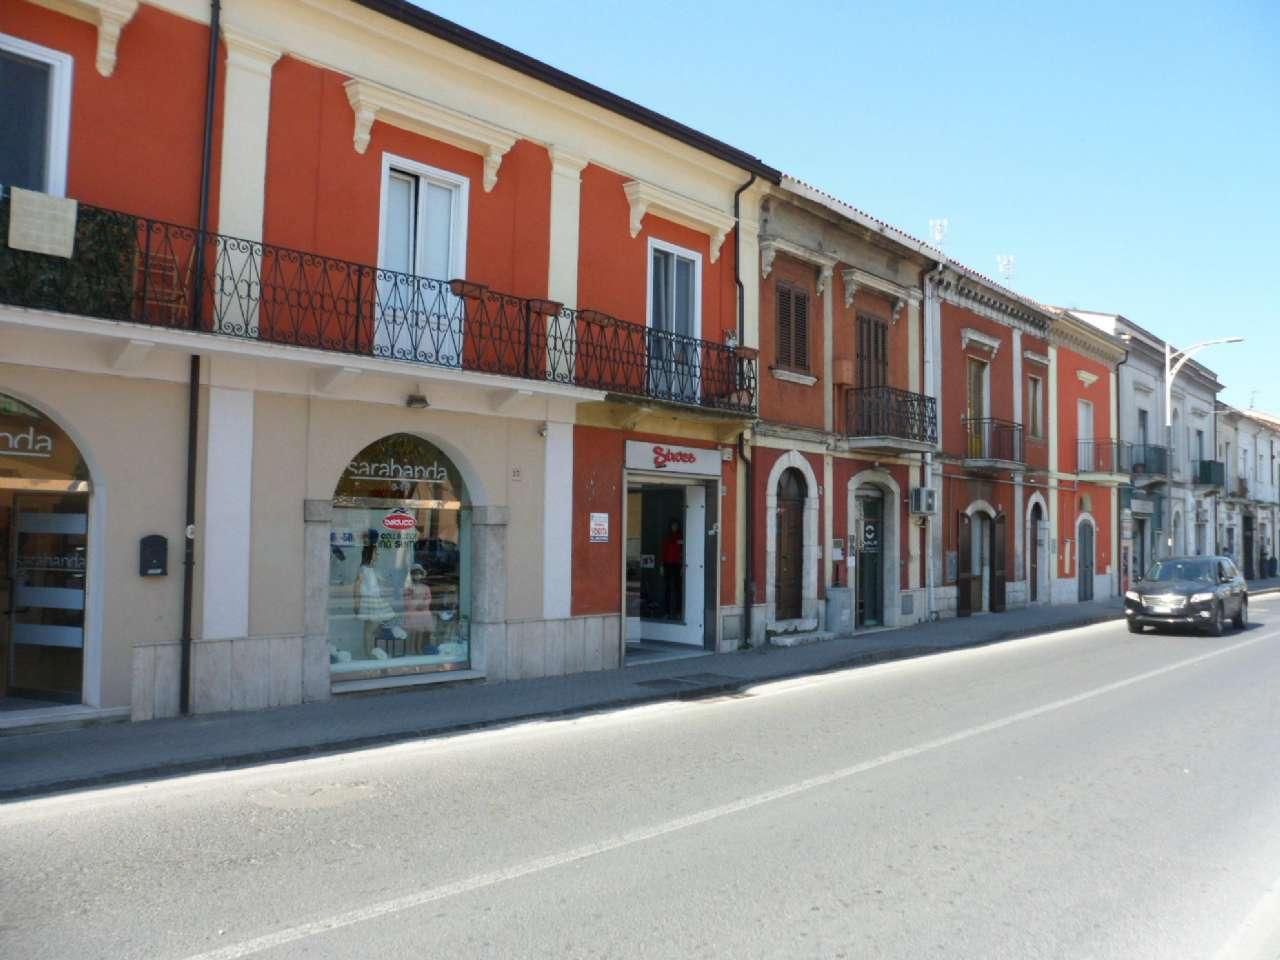 Negozio / Locale in vendita a Montesarchio, 1 locali, prezzo € 110.000 | CambioCasa.it